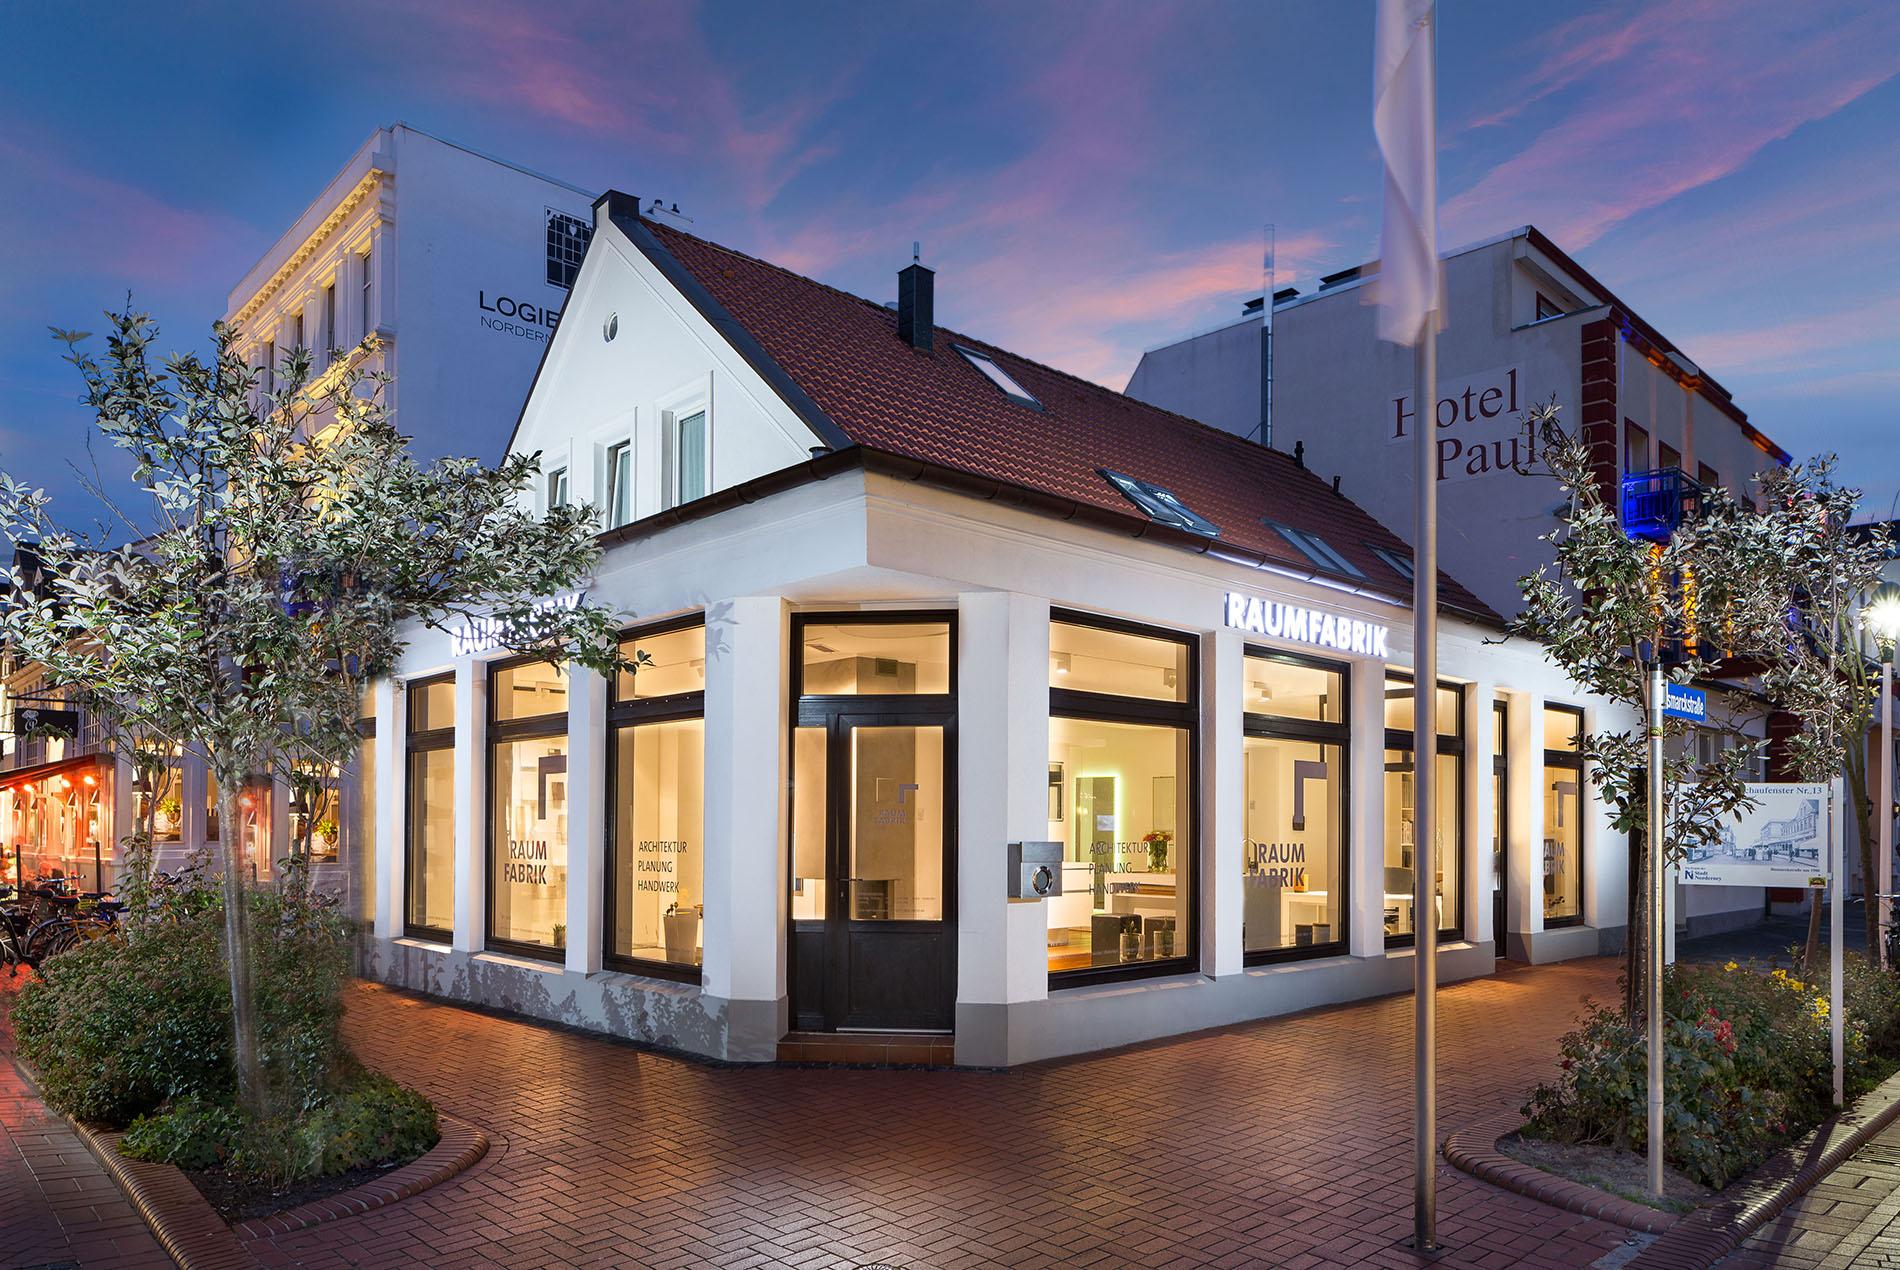 Ausstellung Raumfabrik Norderney Tischlerei Schöpker